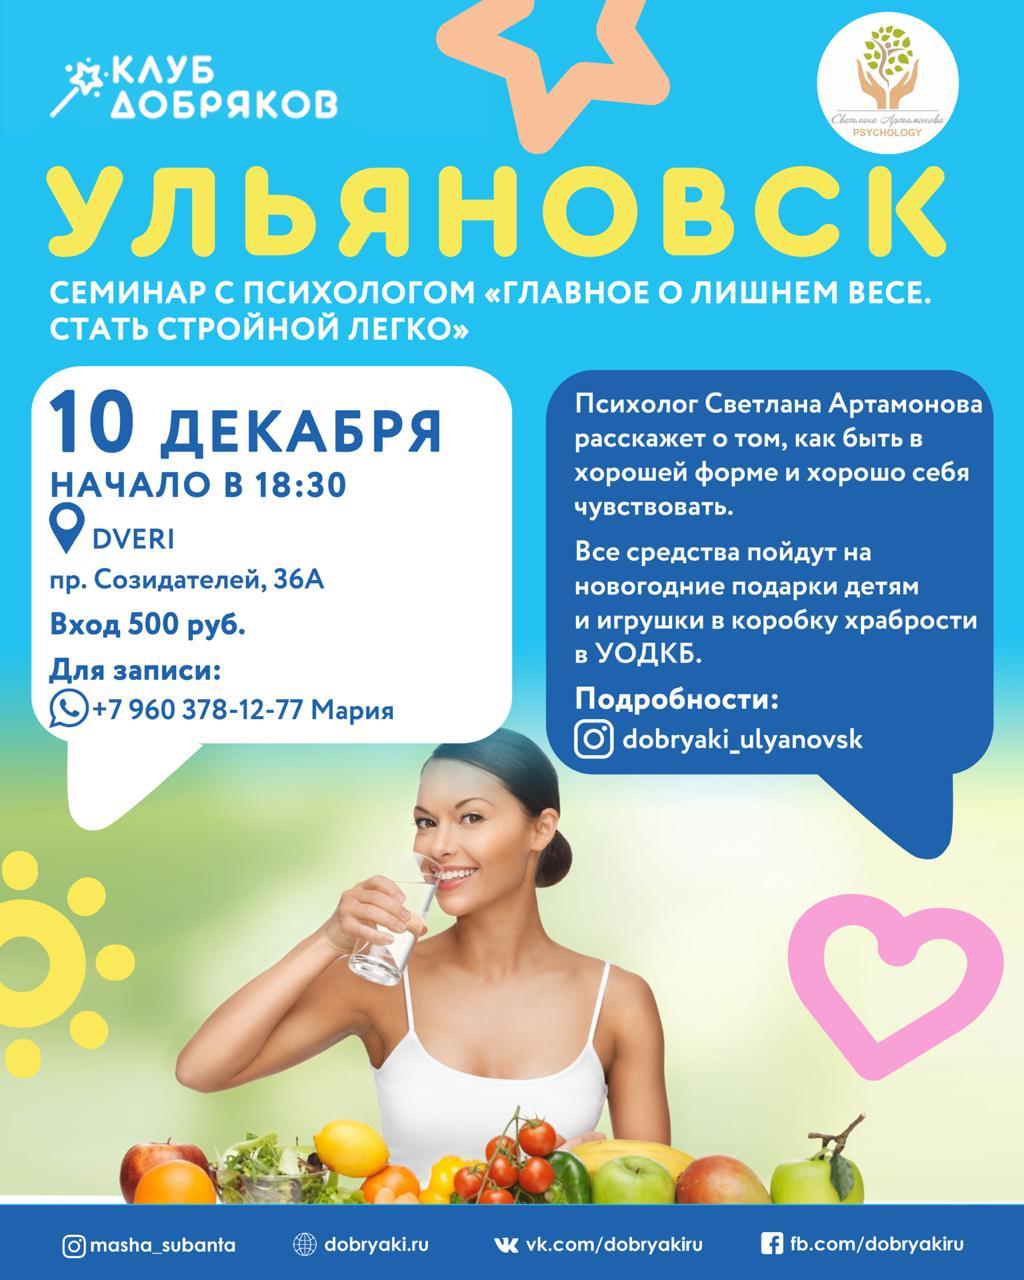 В Ульяновске пройдёт семинар на тему лишнего веса